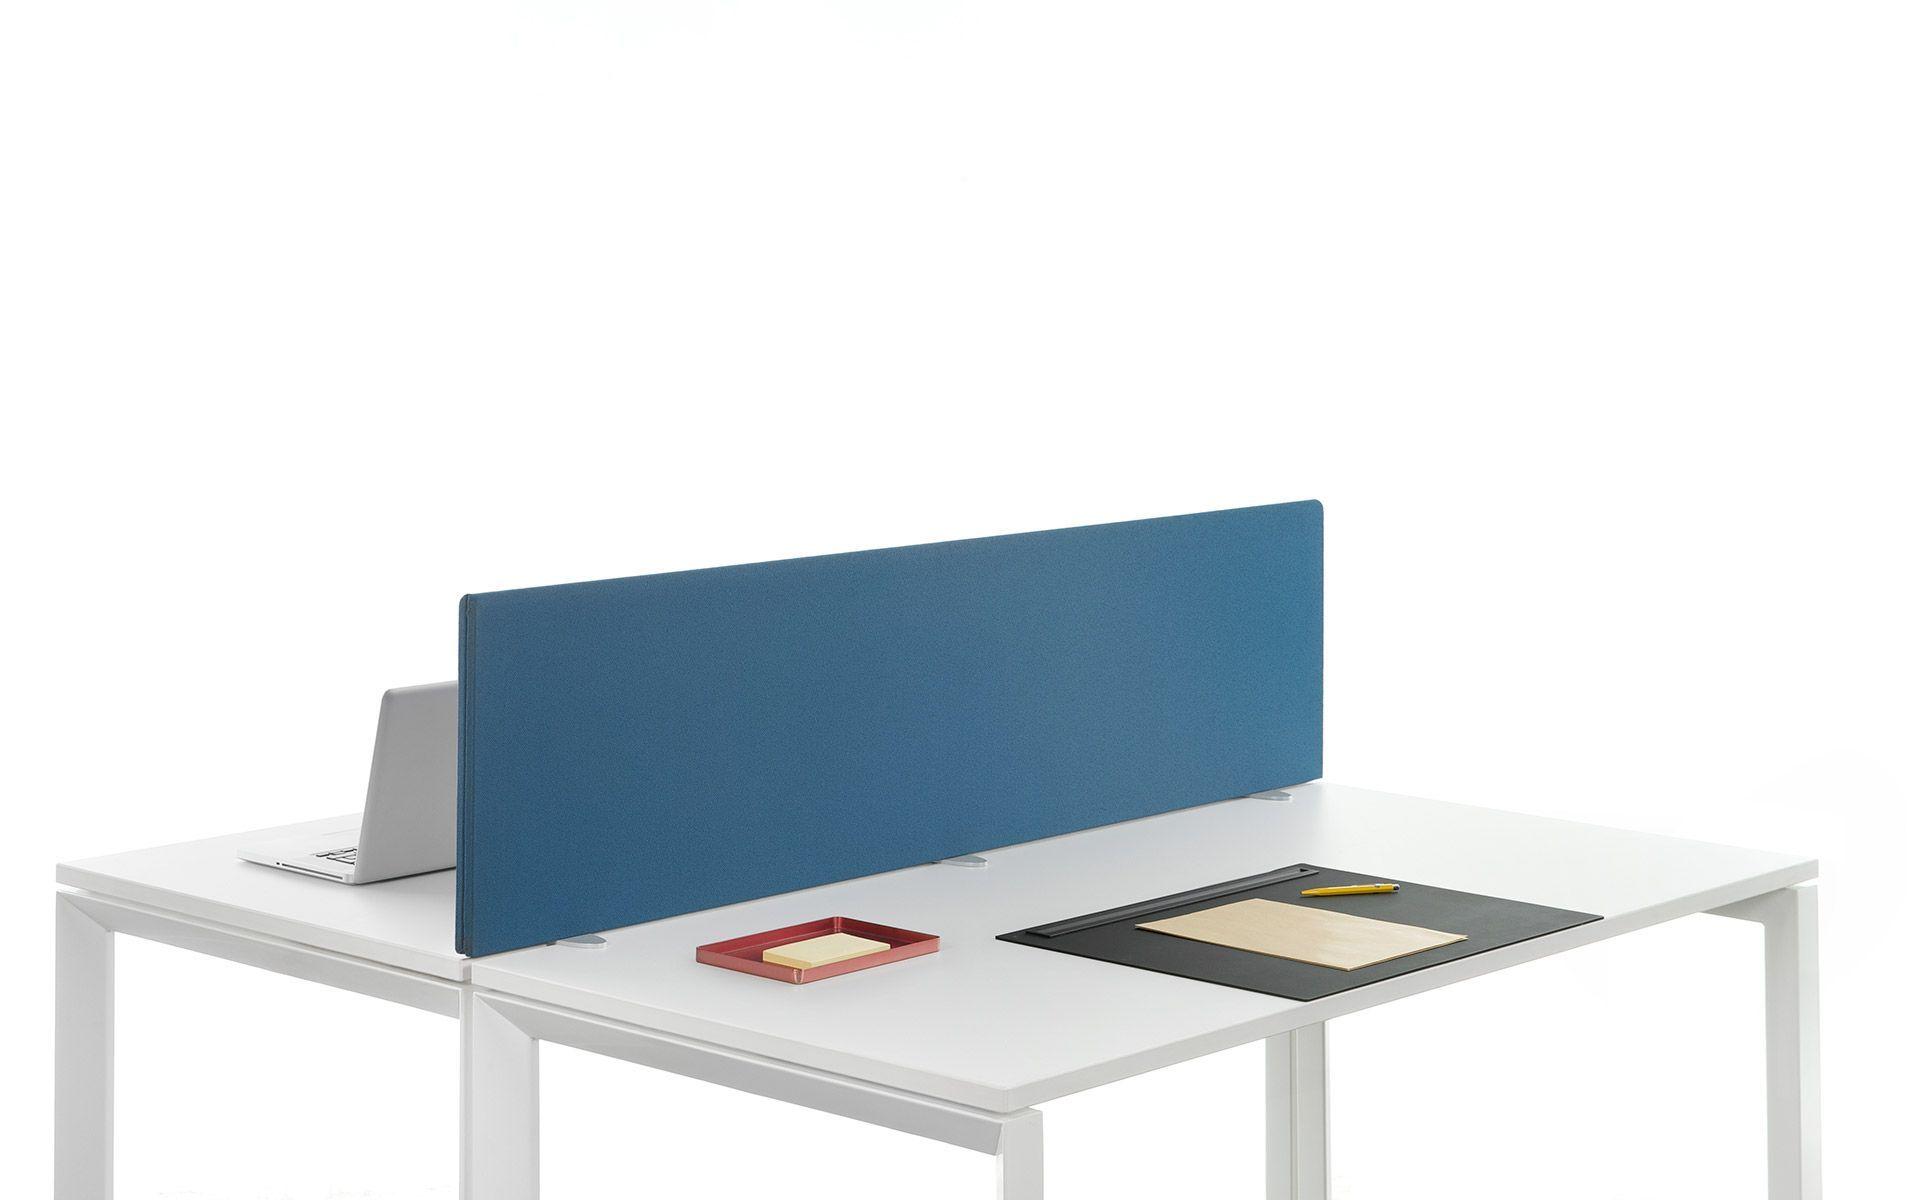 Épinglé par Moon mix mobilier sur vange Mobilier bureau